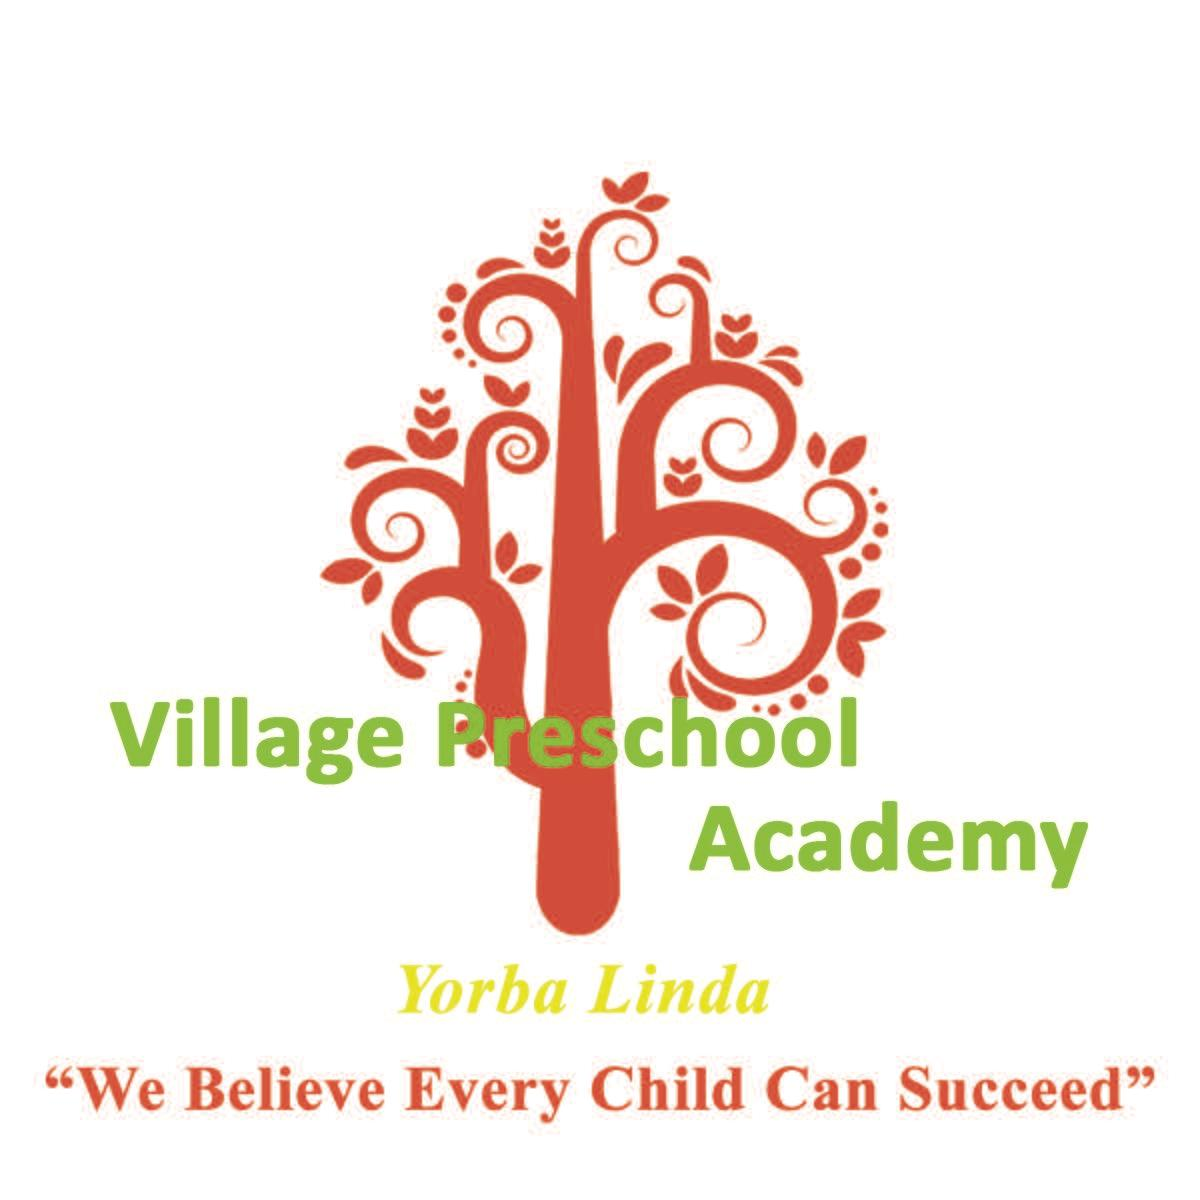 village preschool yorba linda preschool academy yorba california ca 281